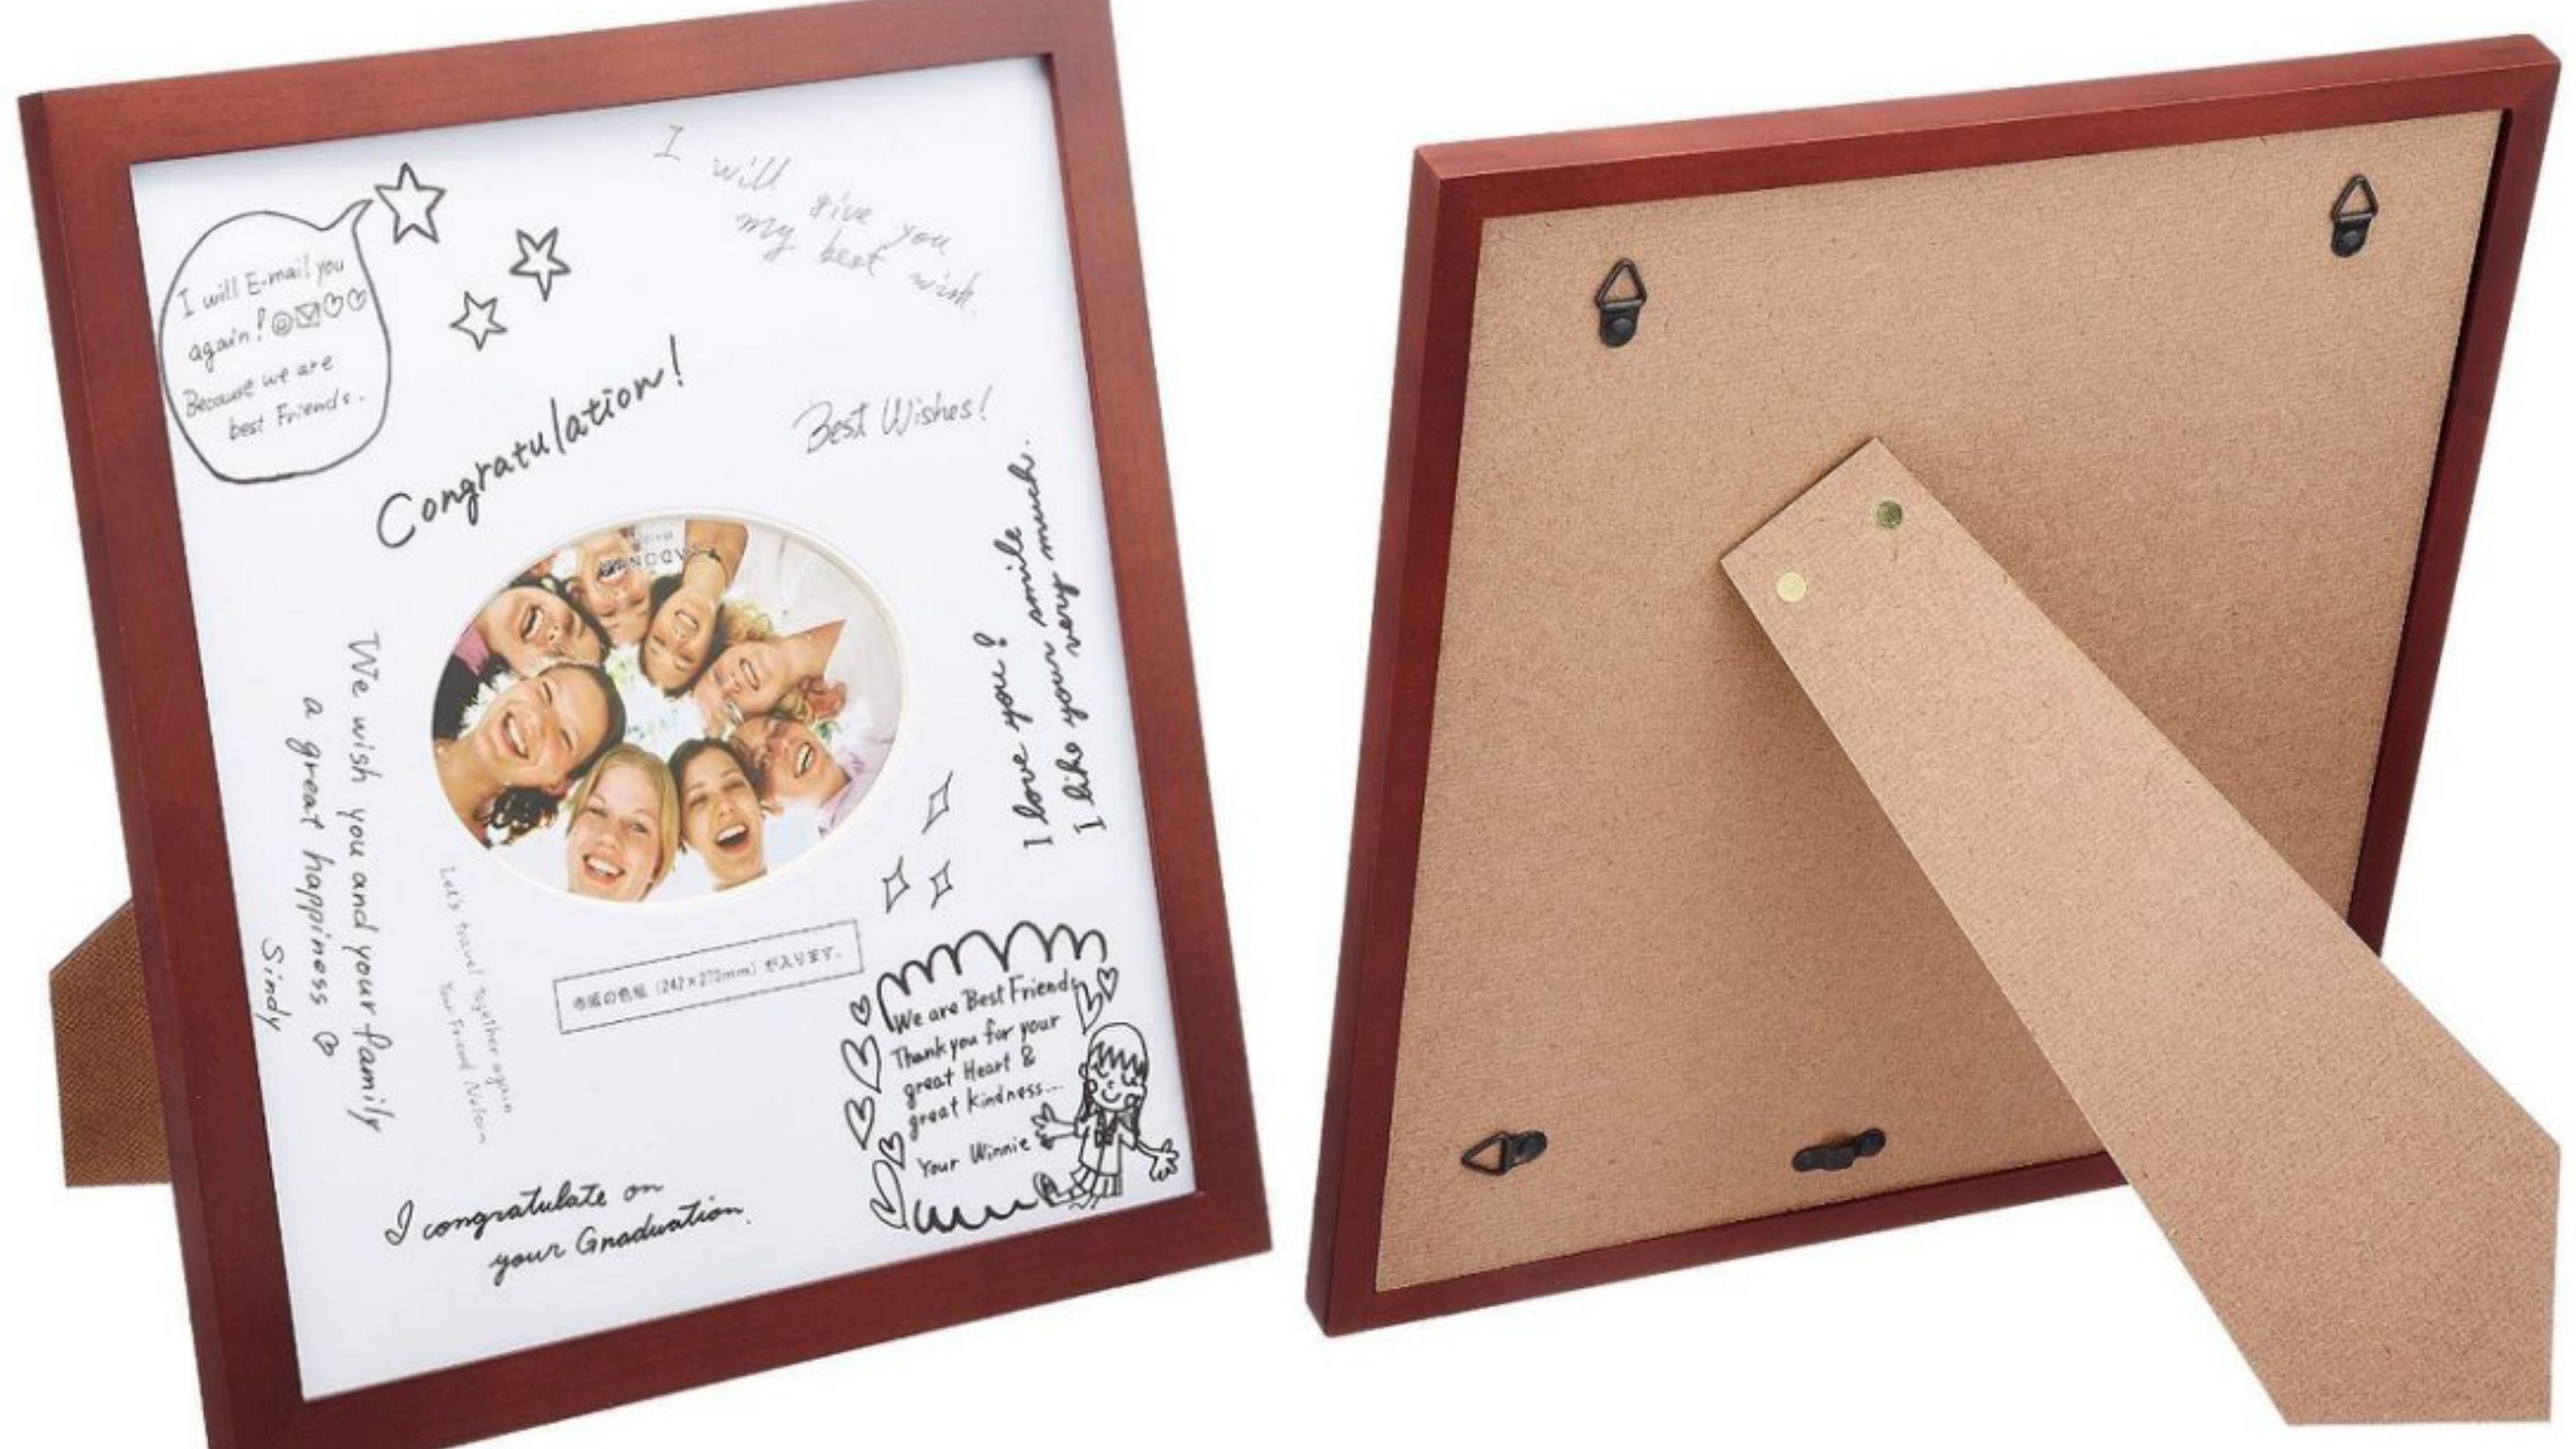 相框系列多樣化,並擁有原創設計。取用多種原料材質如木頭